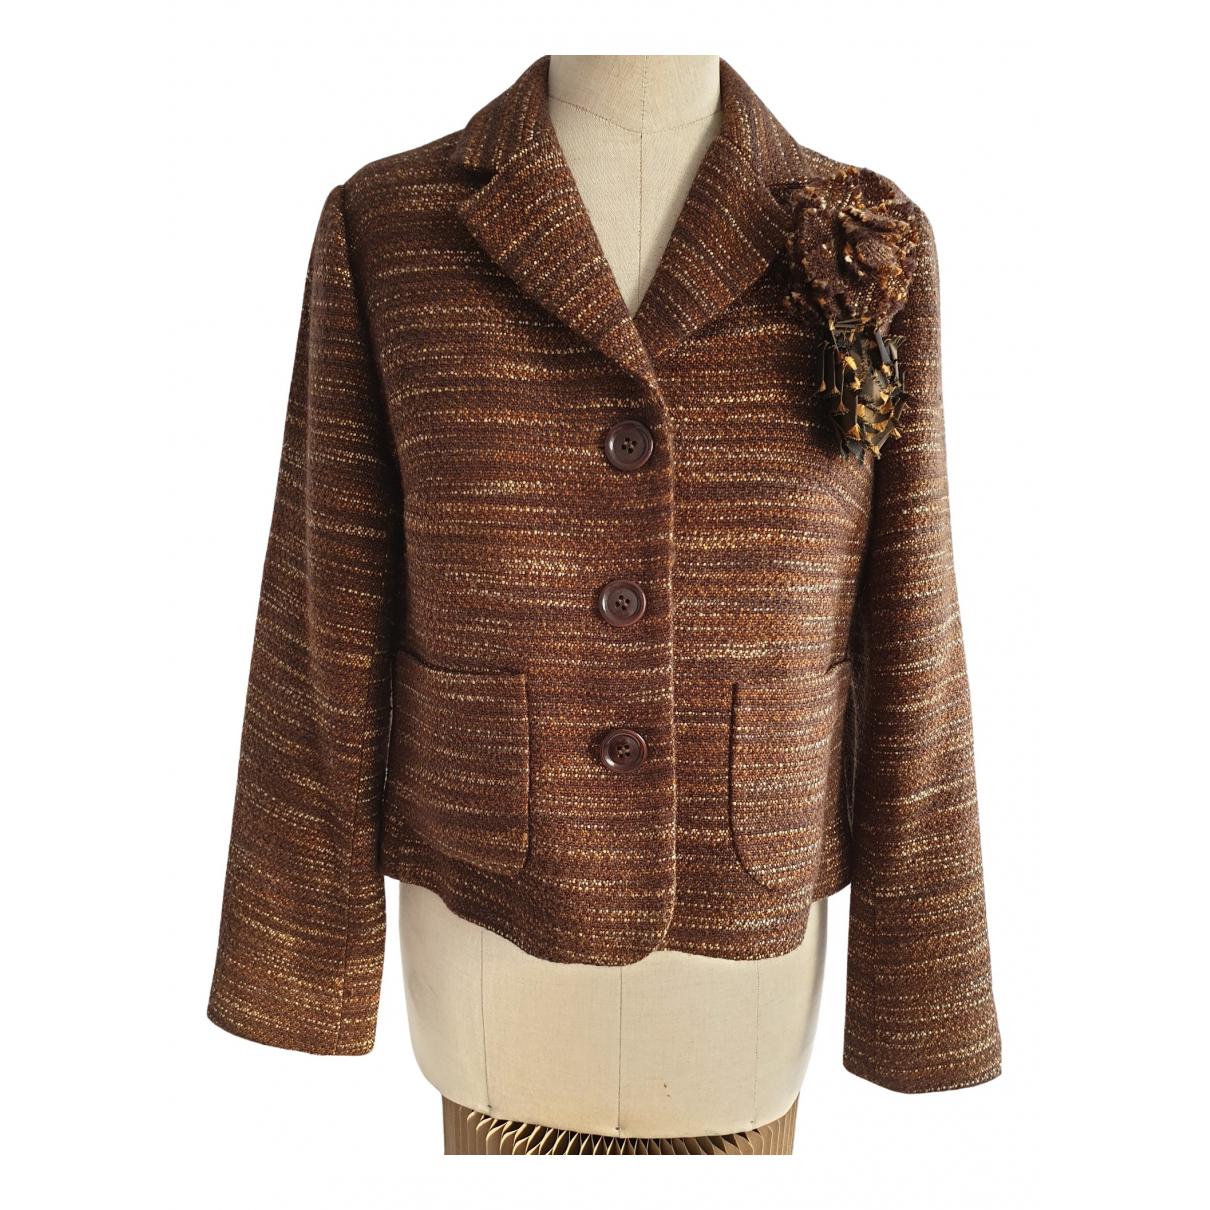 Zara \N Multicolour jacket for Women L International